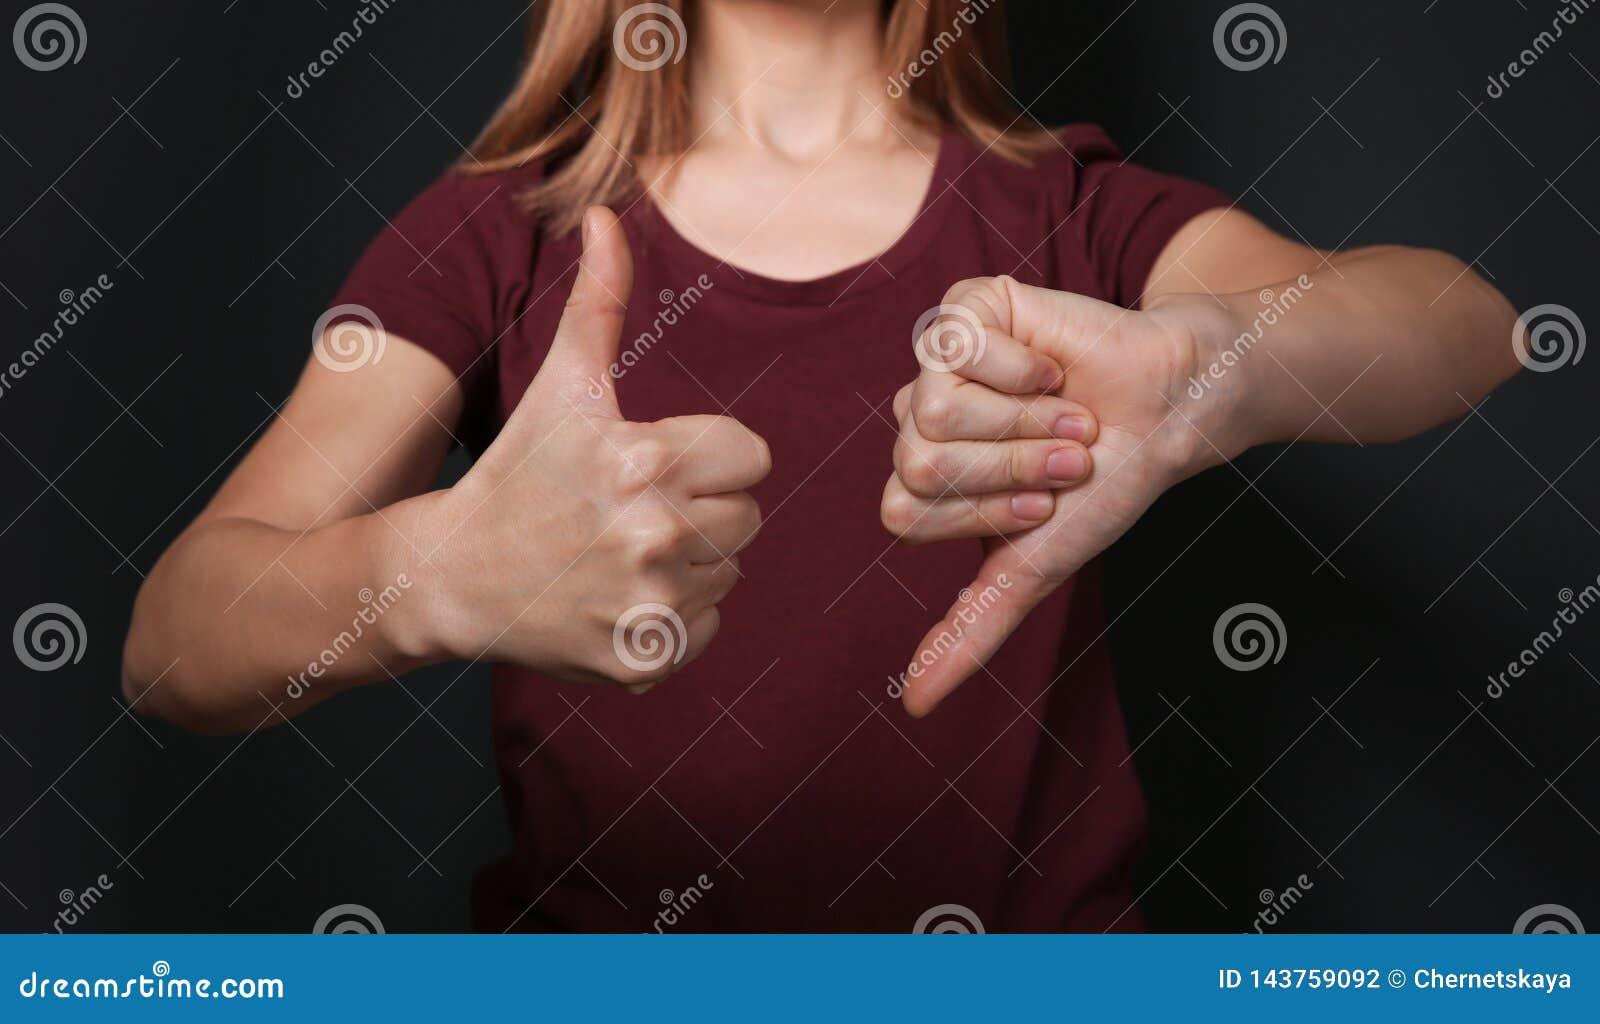 PULGAR de la demostración de la mujer arriba y abajo del gesto en lenguaje de signos en fondo negro